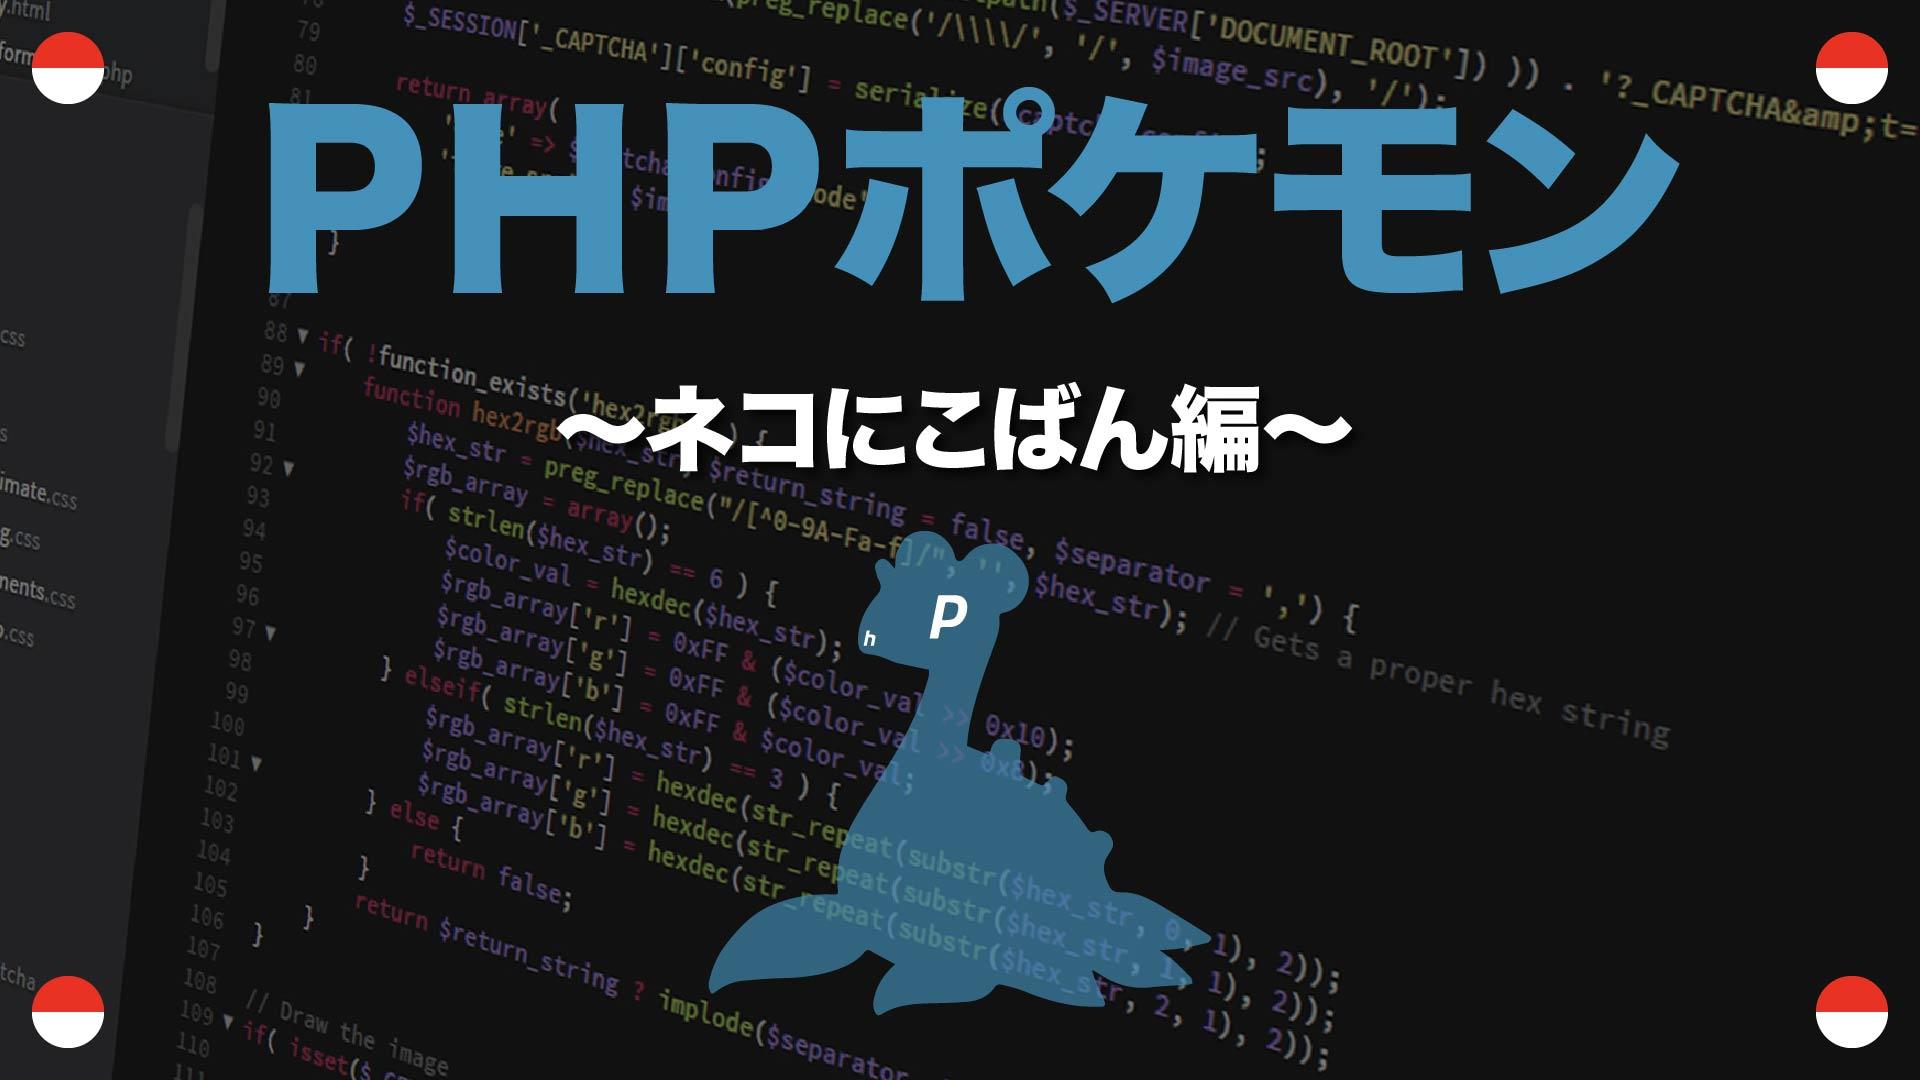 ネコにこばん編 PHPポケモン73